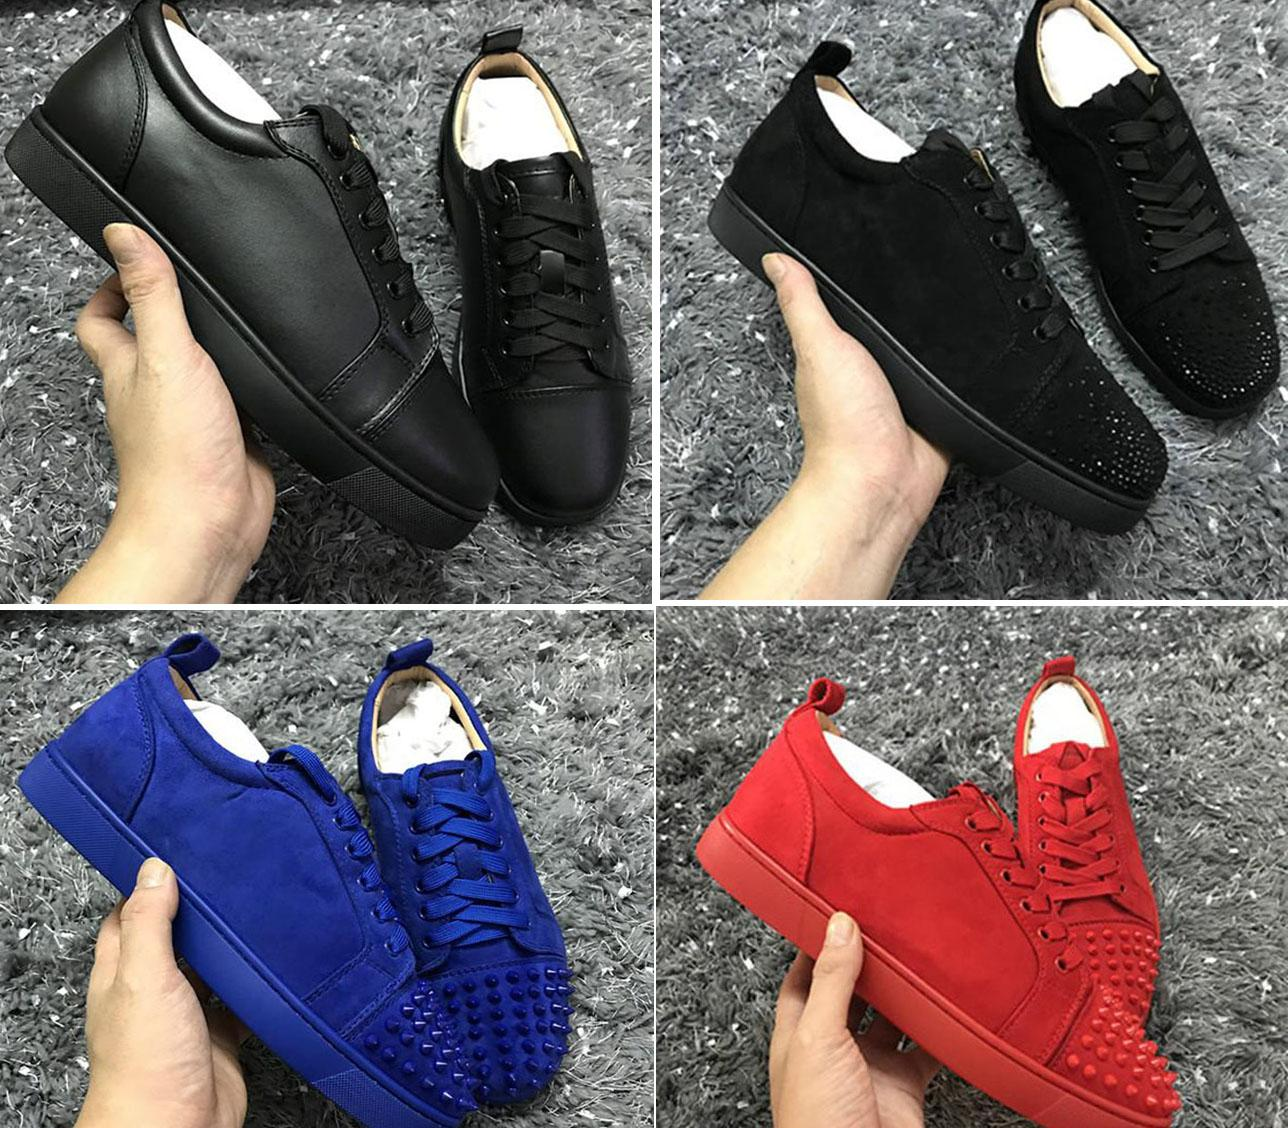 السفينة بسرعة خارج بالجملة الأحمر نعال حذاء رياضة العلامة التجارية المصممين! النمط الكلاسيكي الأحمر الرجال أسفل لمسنبل جديد الجلد المدبوغ جلدية منخفضة أعلى أحذية رياضية العشاق